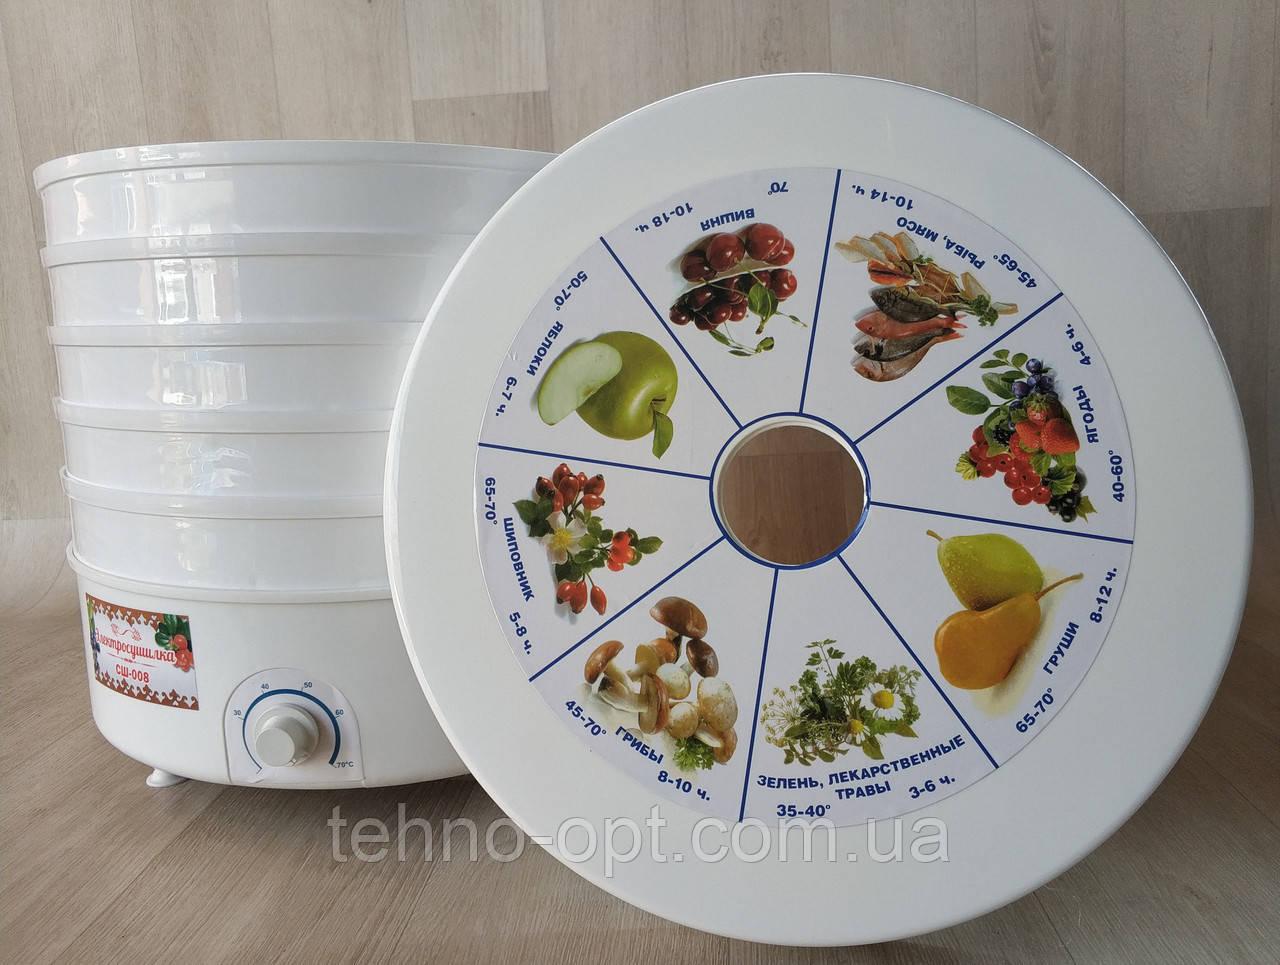 Сушка электрическая для фруктов овощей и грибов РОТОР / ДИВА  сушилка 25 литров